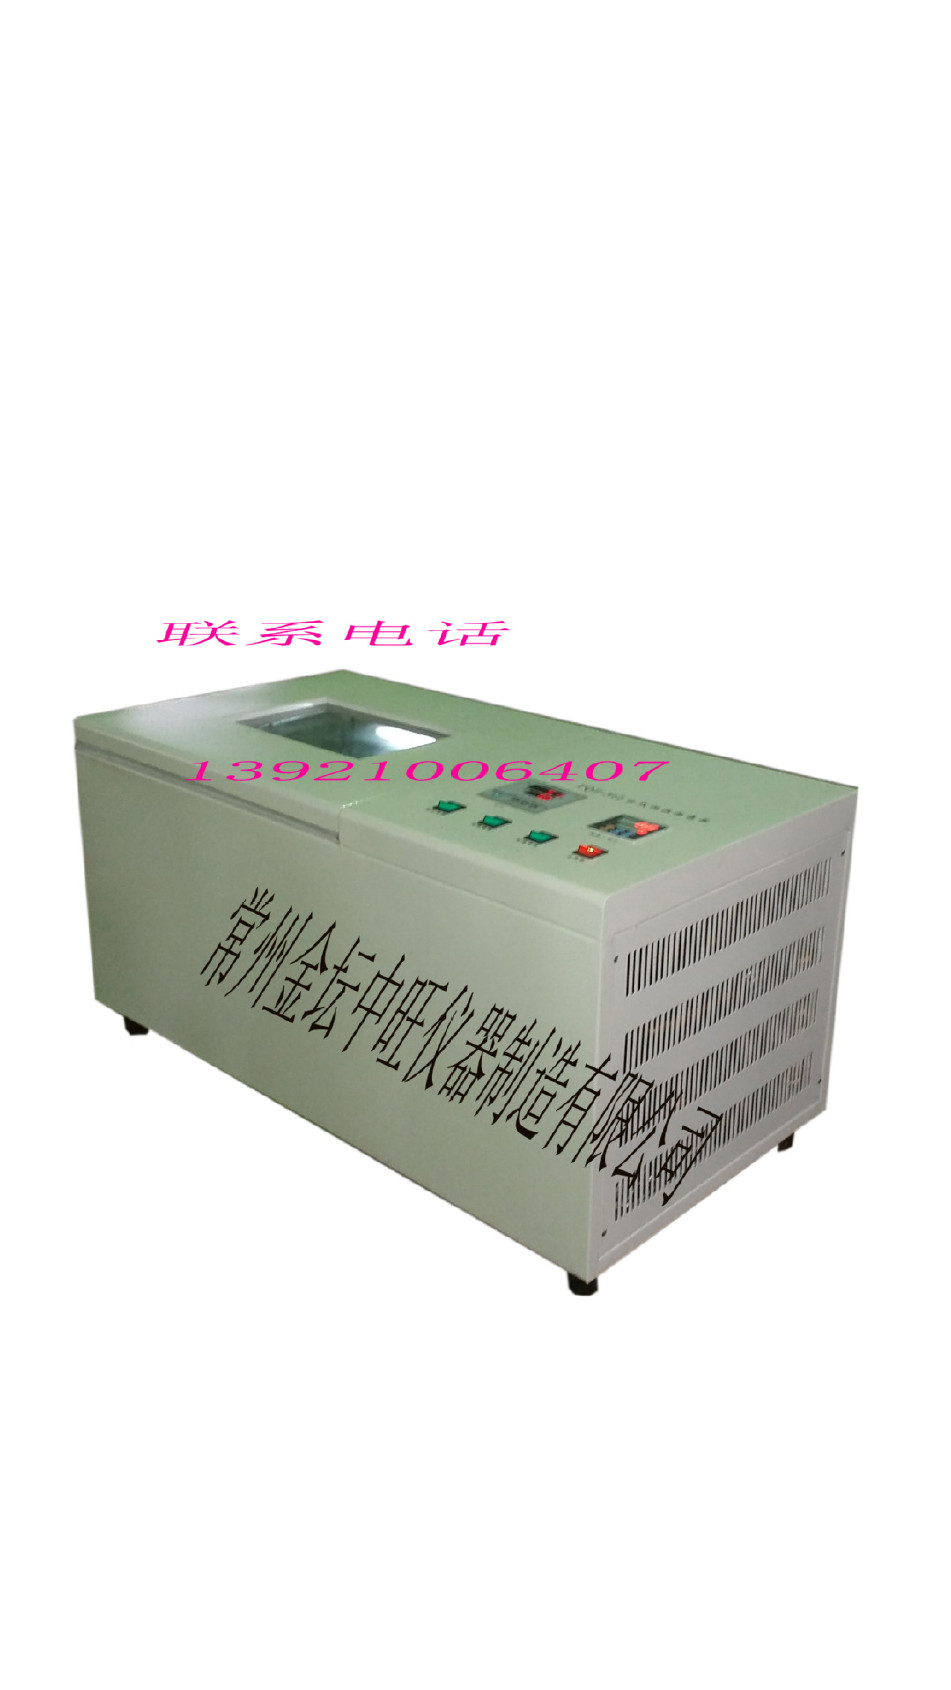 THZ-C-1台式冷冻全温摇床 台式制冷调温密封震荡器 控温振荡仪图片